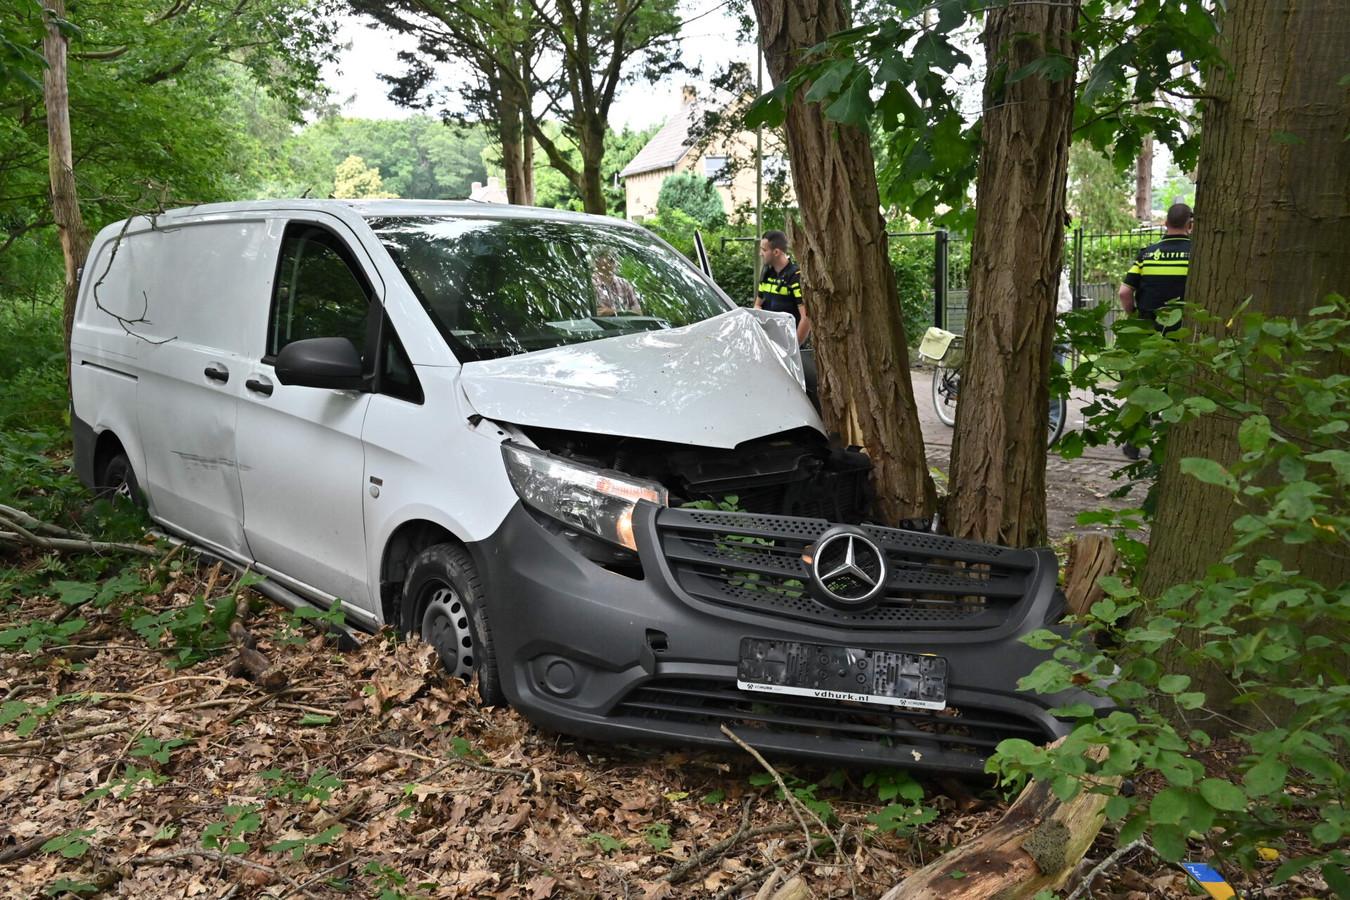 Een pakketbezorger is donderdagmiddag rond 13.20 uur met zijn bus tegen een boom gereden op de Zandspui in Etten-Leur. De auto heeft flinke blikschade opgelopen.